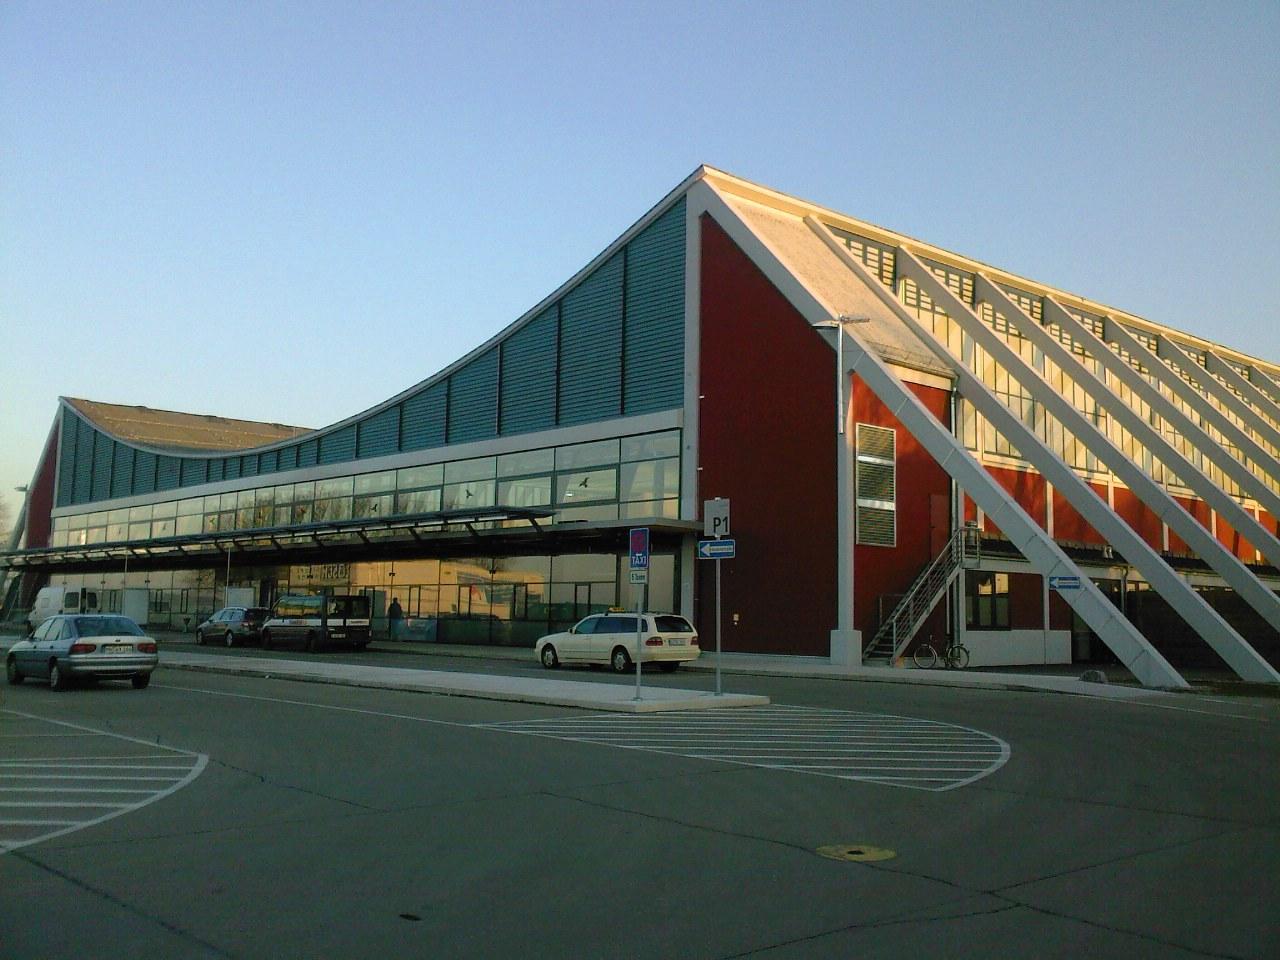 Flughafen Memmingen Reiseführer Auf Wikivoyage